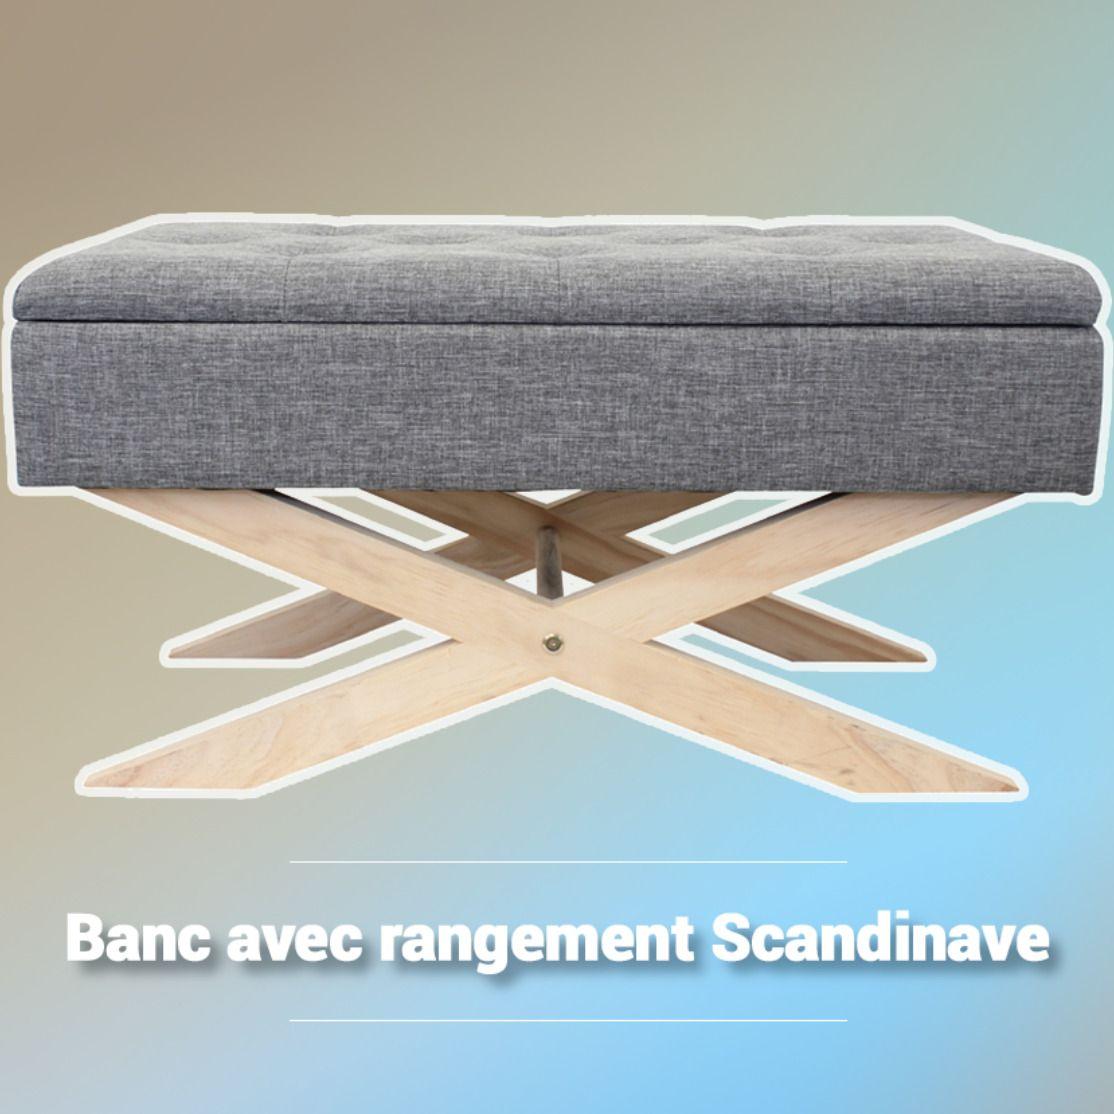 Banc Avec Rangement Scandinave La Foir Fouille Banc De Rangement Rangement Mobilier De Salon